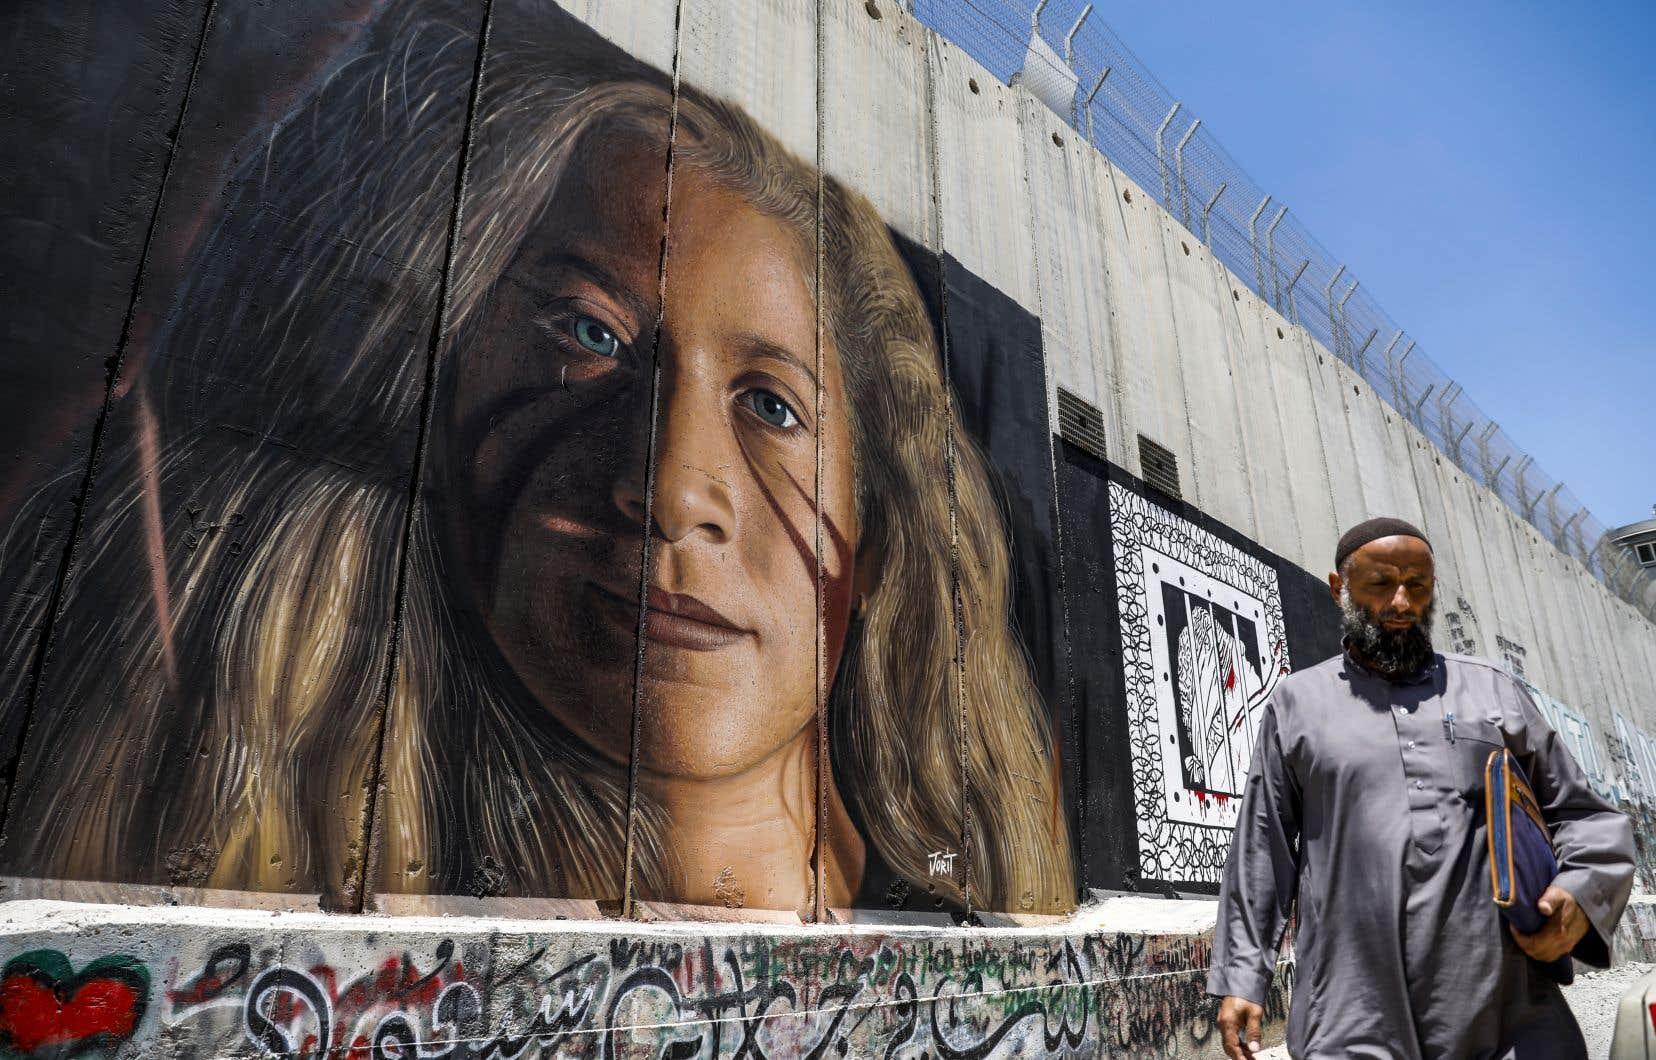 Haute de près de quatre mètres, la fresque représente le désormais célèbre visage de la jeune Palestinienne de 17 ans, qui a purgé huit mois de prison pour avoir giflé des soldats israéliens.